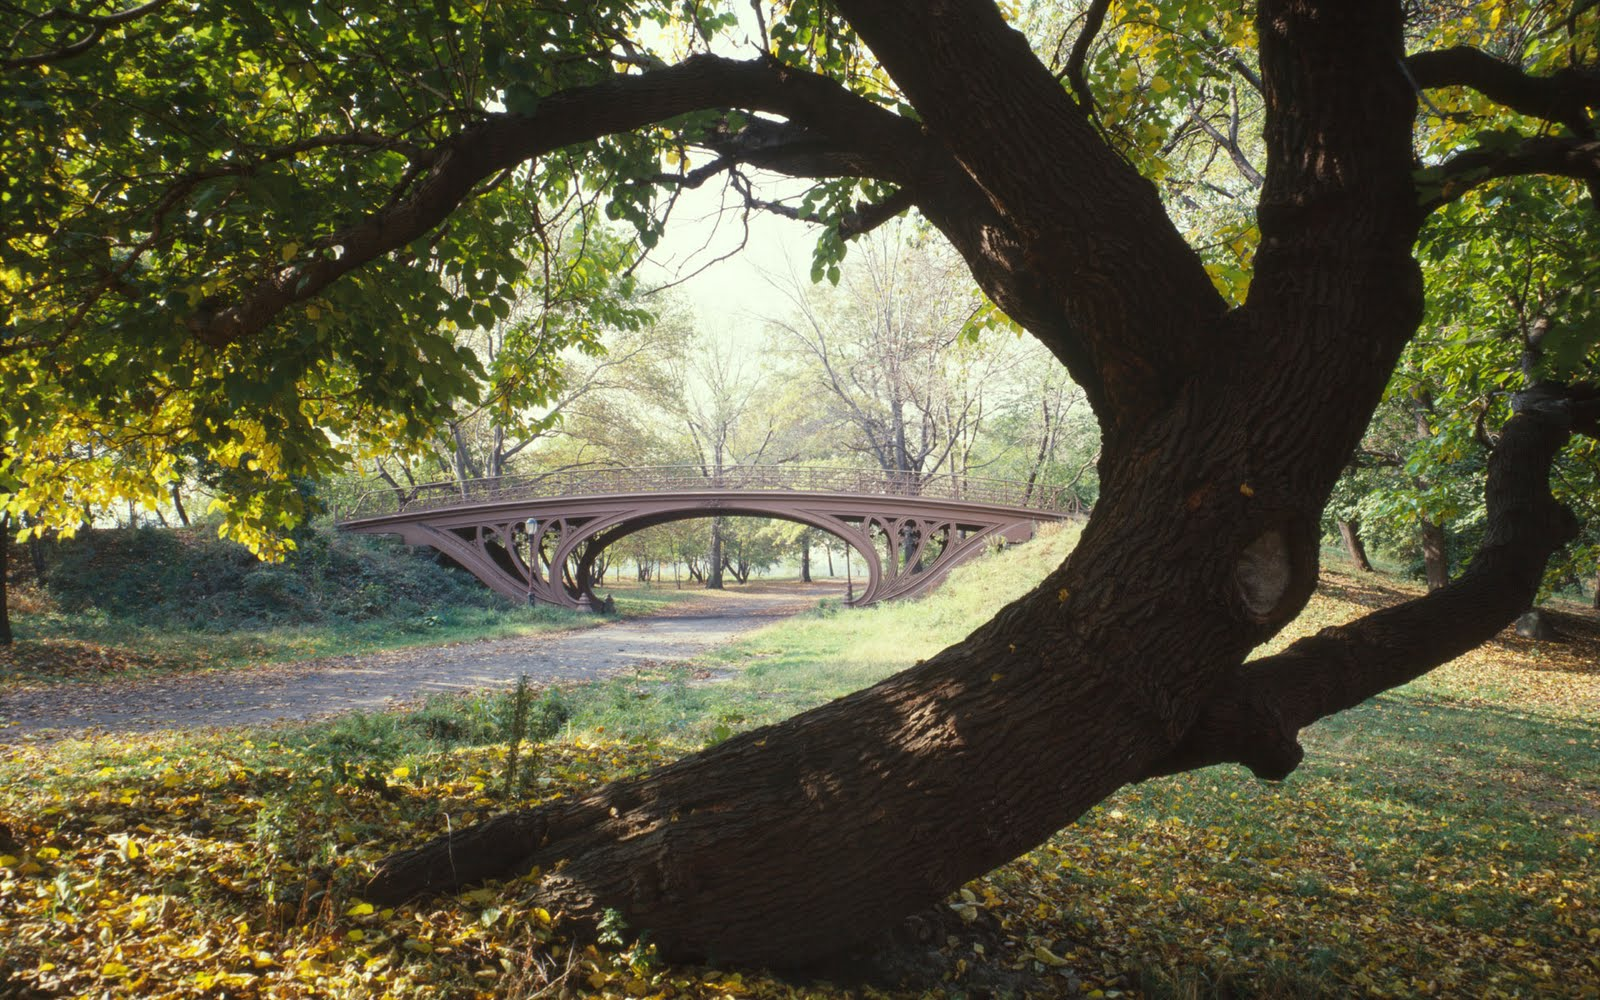 http://3.bp.blogspot.com/_gx7OZdt7Uhs/SwQrmBIQK1I/AAAAAAAAC5U/Vl3snbRYy7c/s1600/new+york+city+Free+Wallpaper.jpg